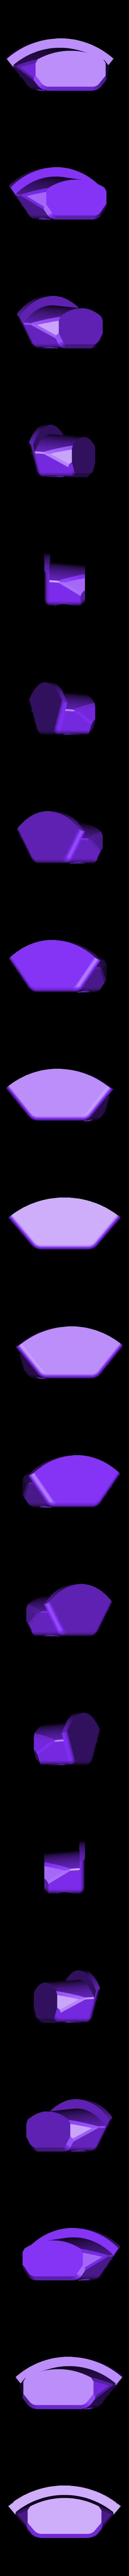 E58dc752 08b0 49b5 b2ff cedb1688e137